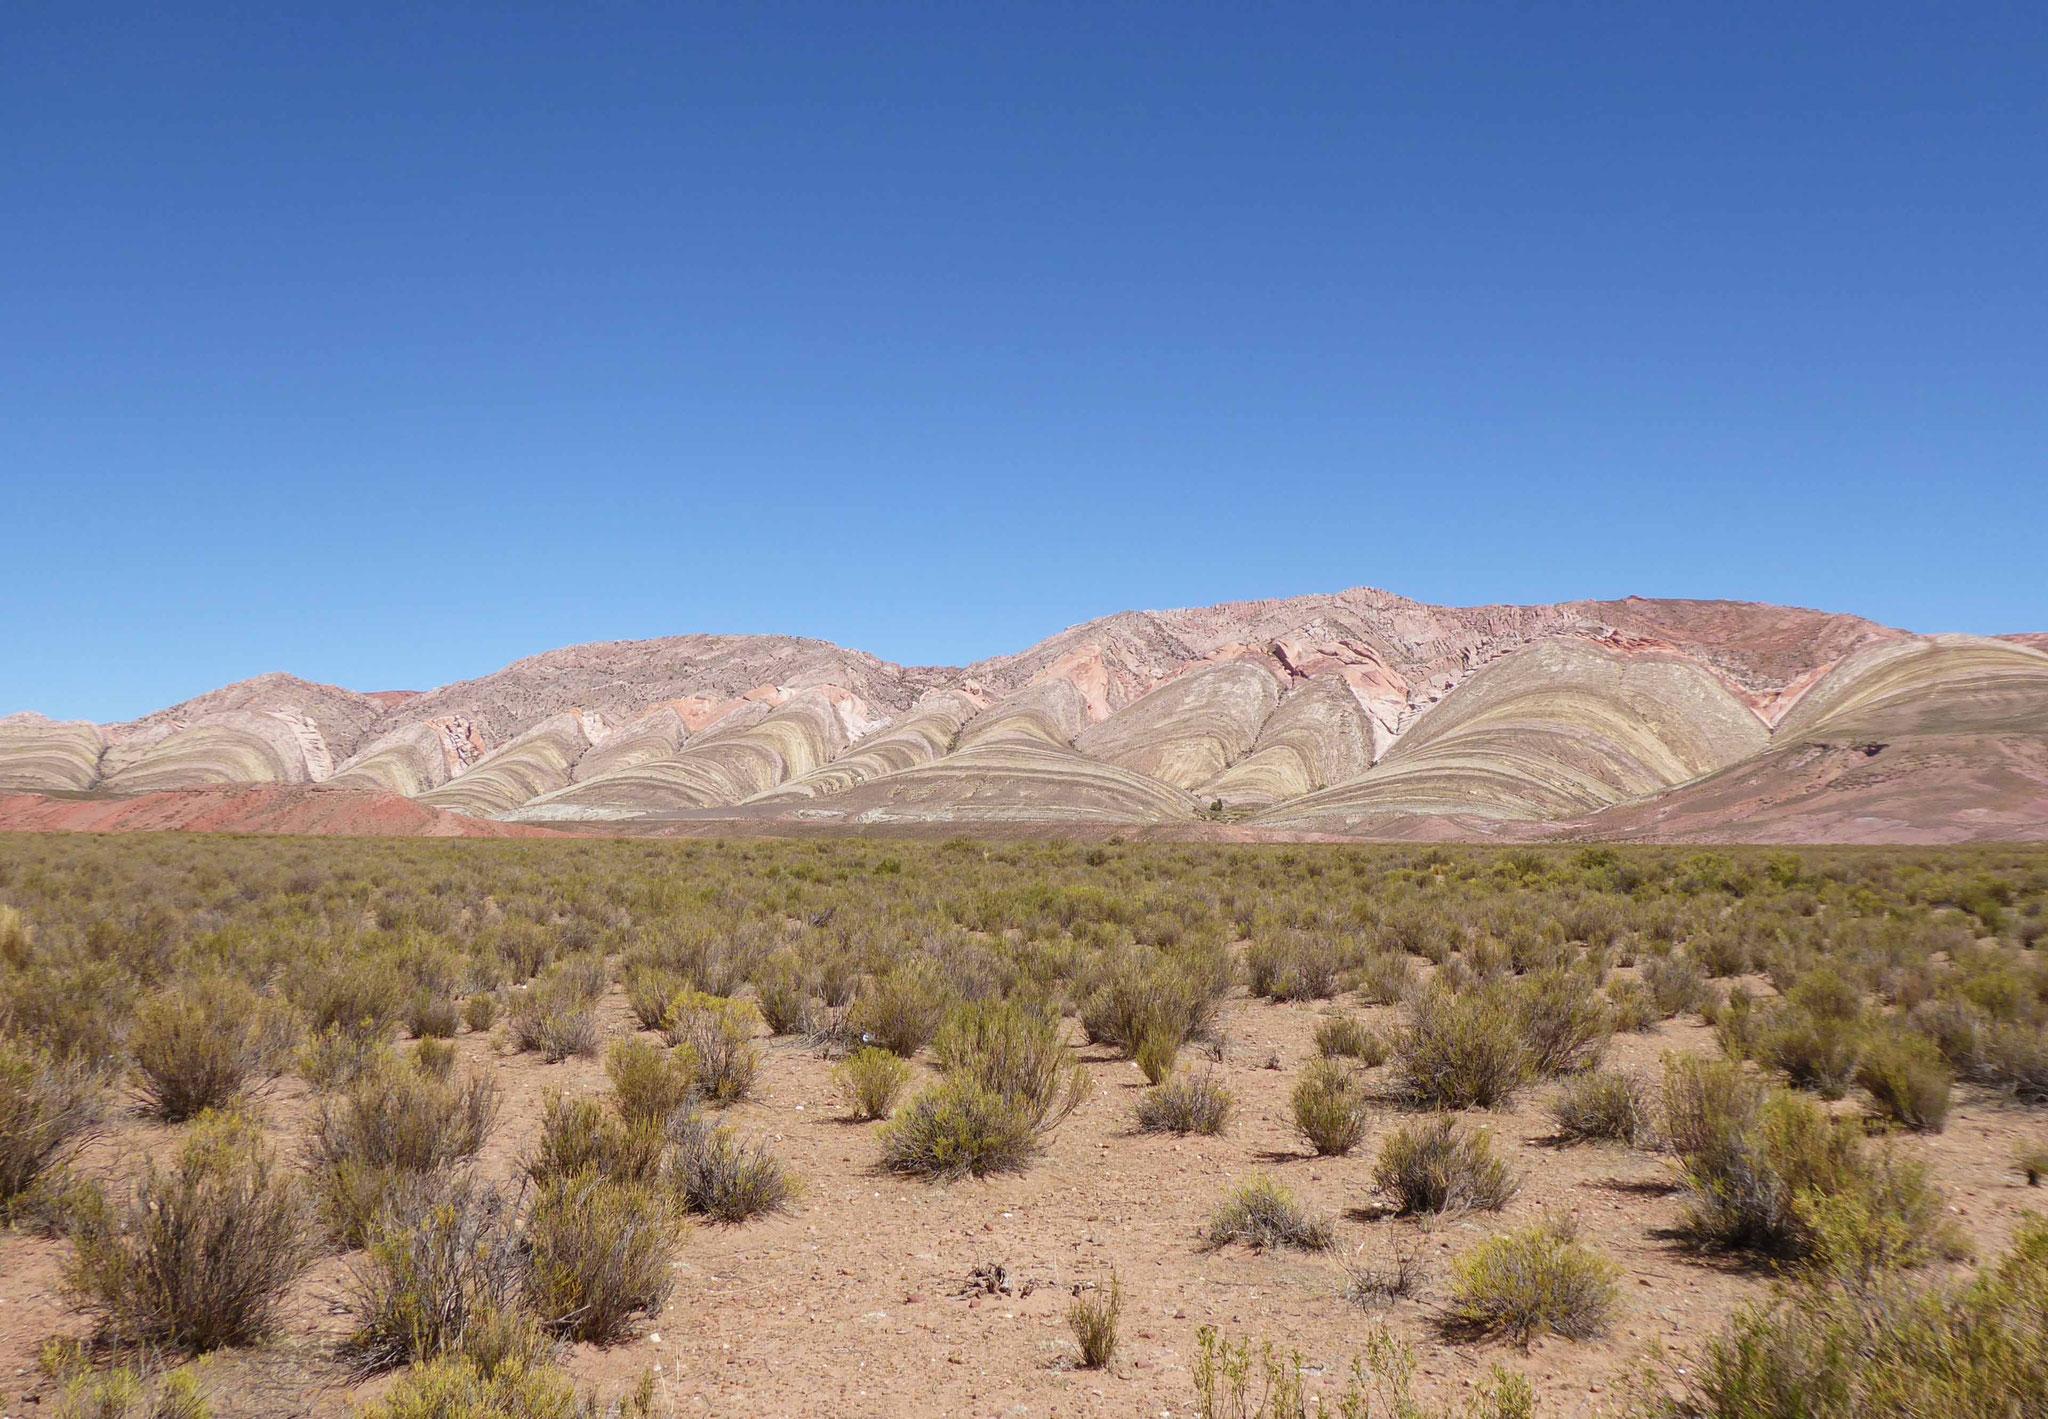 Les montagnes colorées d'Abra Pampa, de là partent les eaux du rio Grande